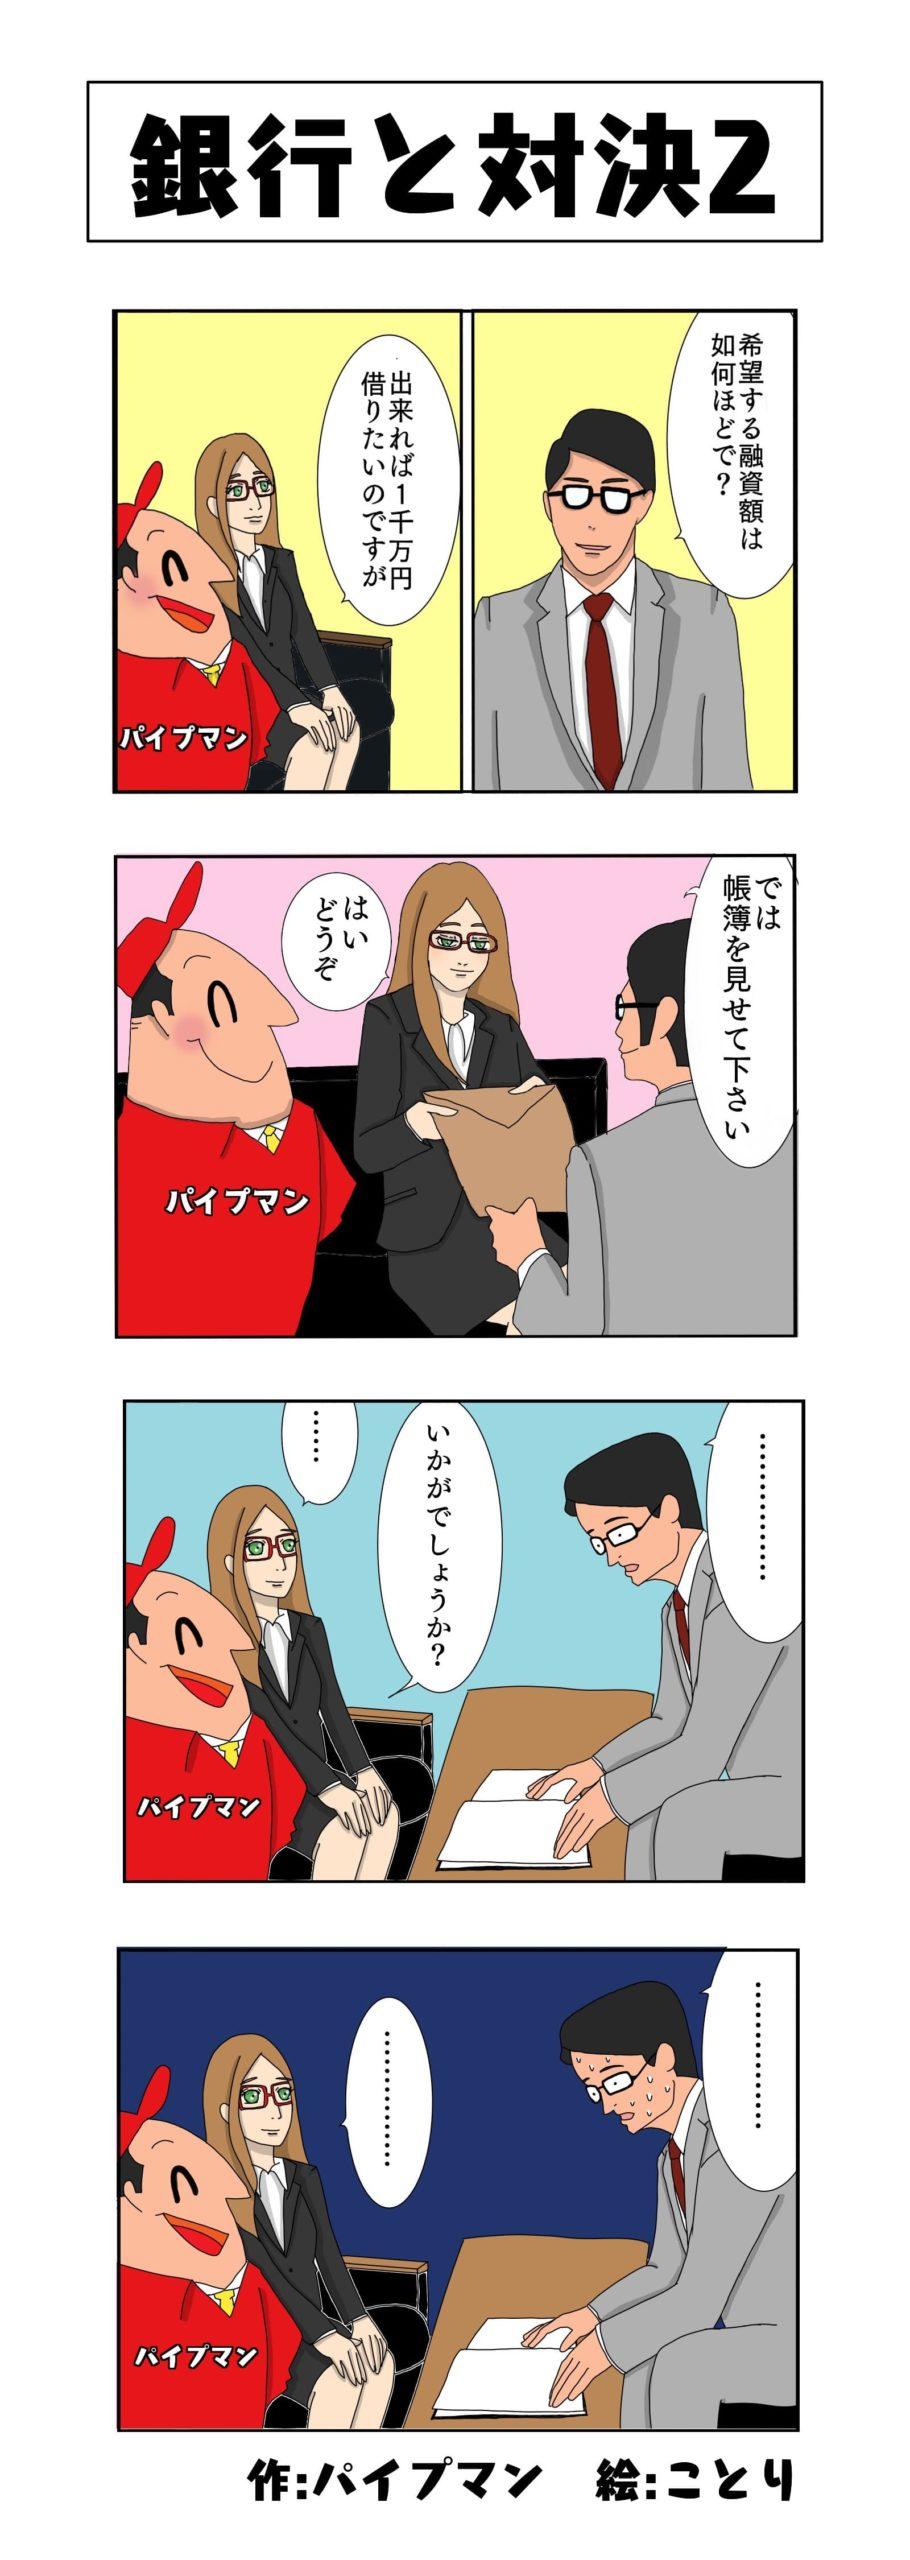 パイプマン漫画第16話